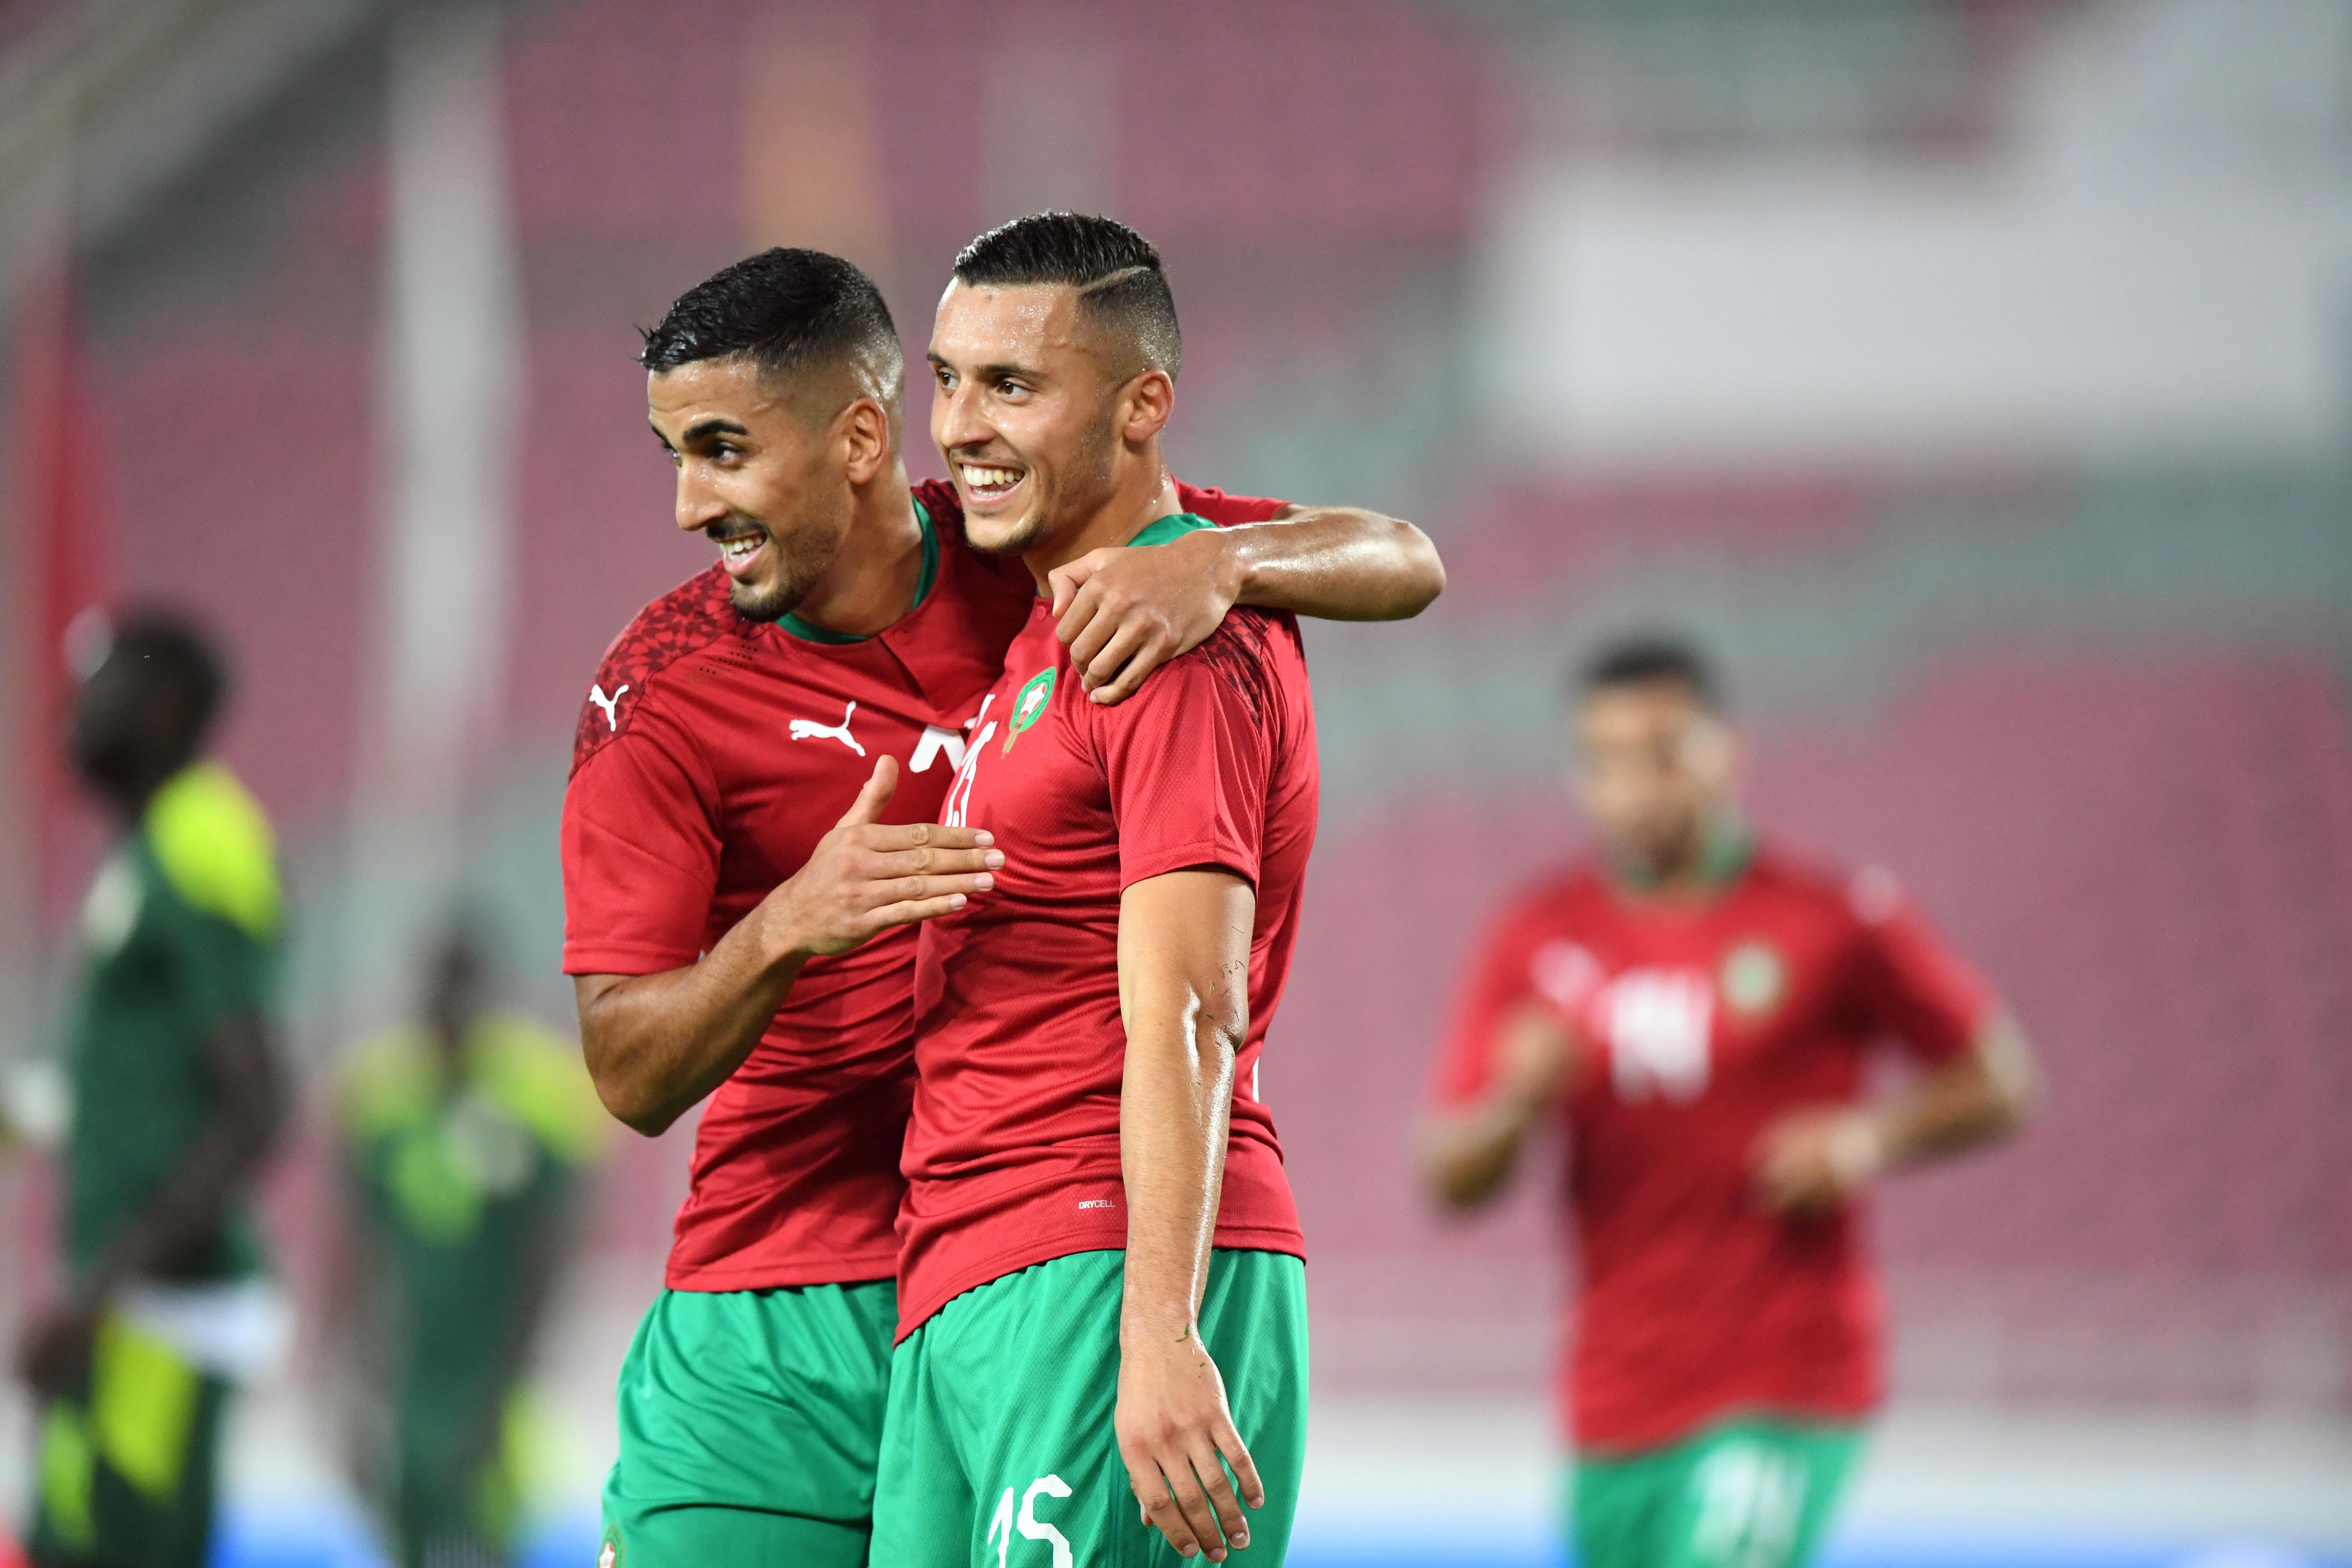 مدرب سطاندار دولييج غاضب من سفر أملاح مع المنتخب المغربي